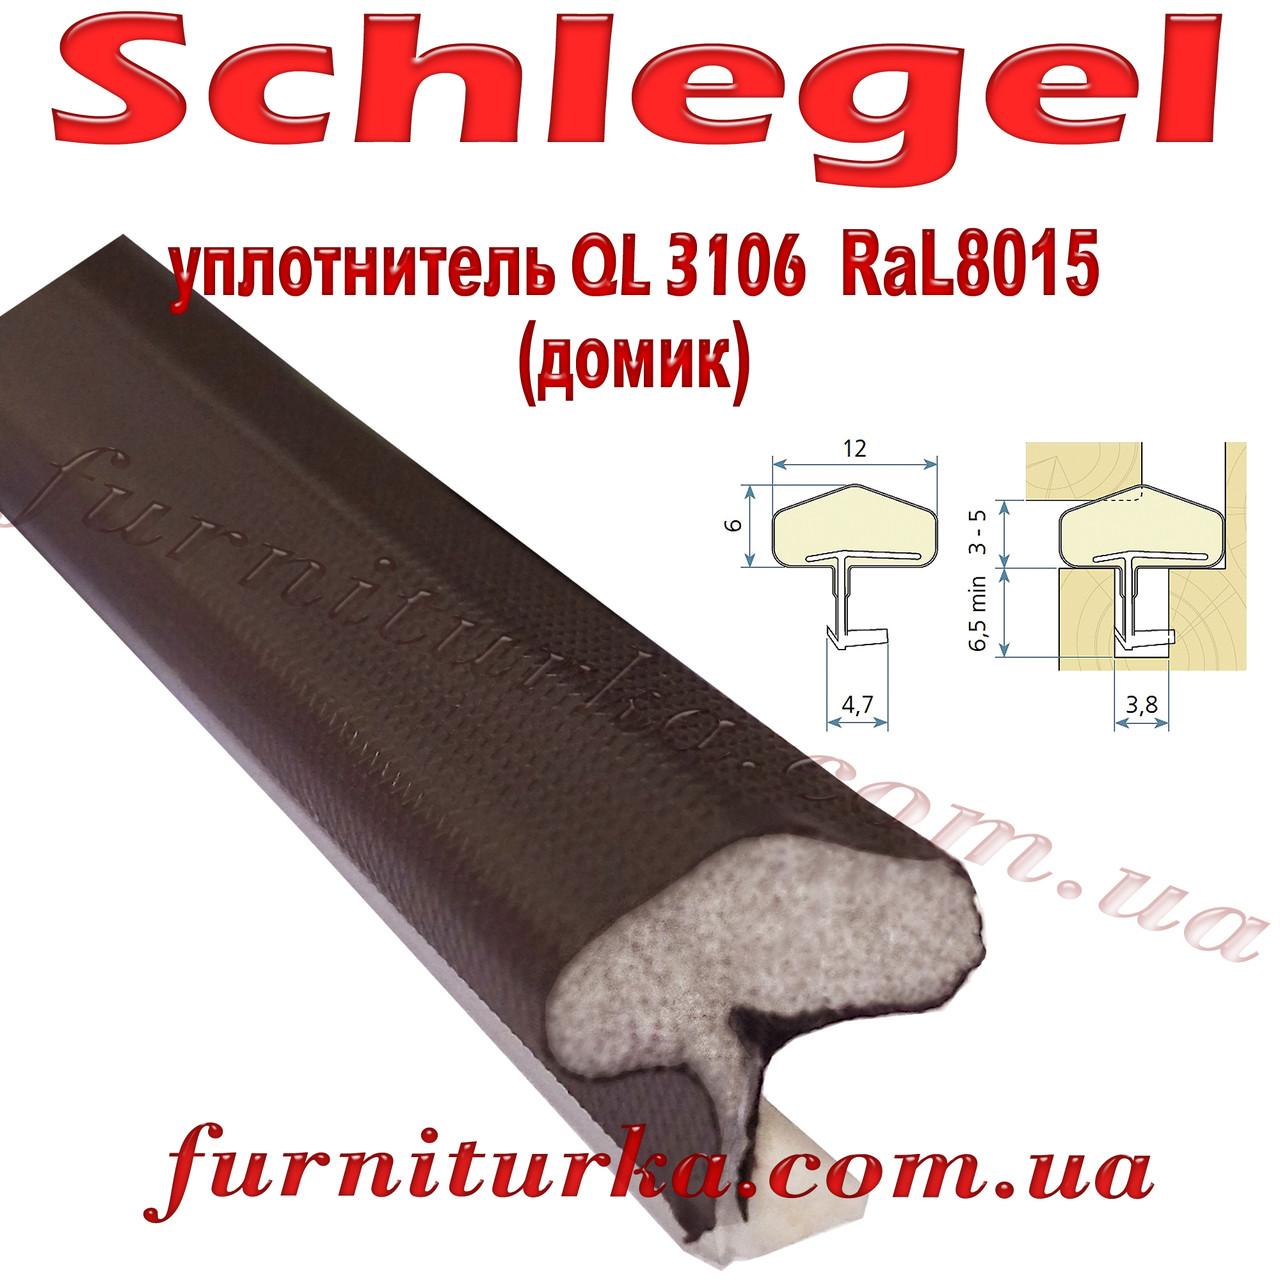 Уплотнитель дверной Schlegel QL 3106 RaL8015 (домик)